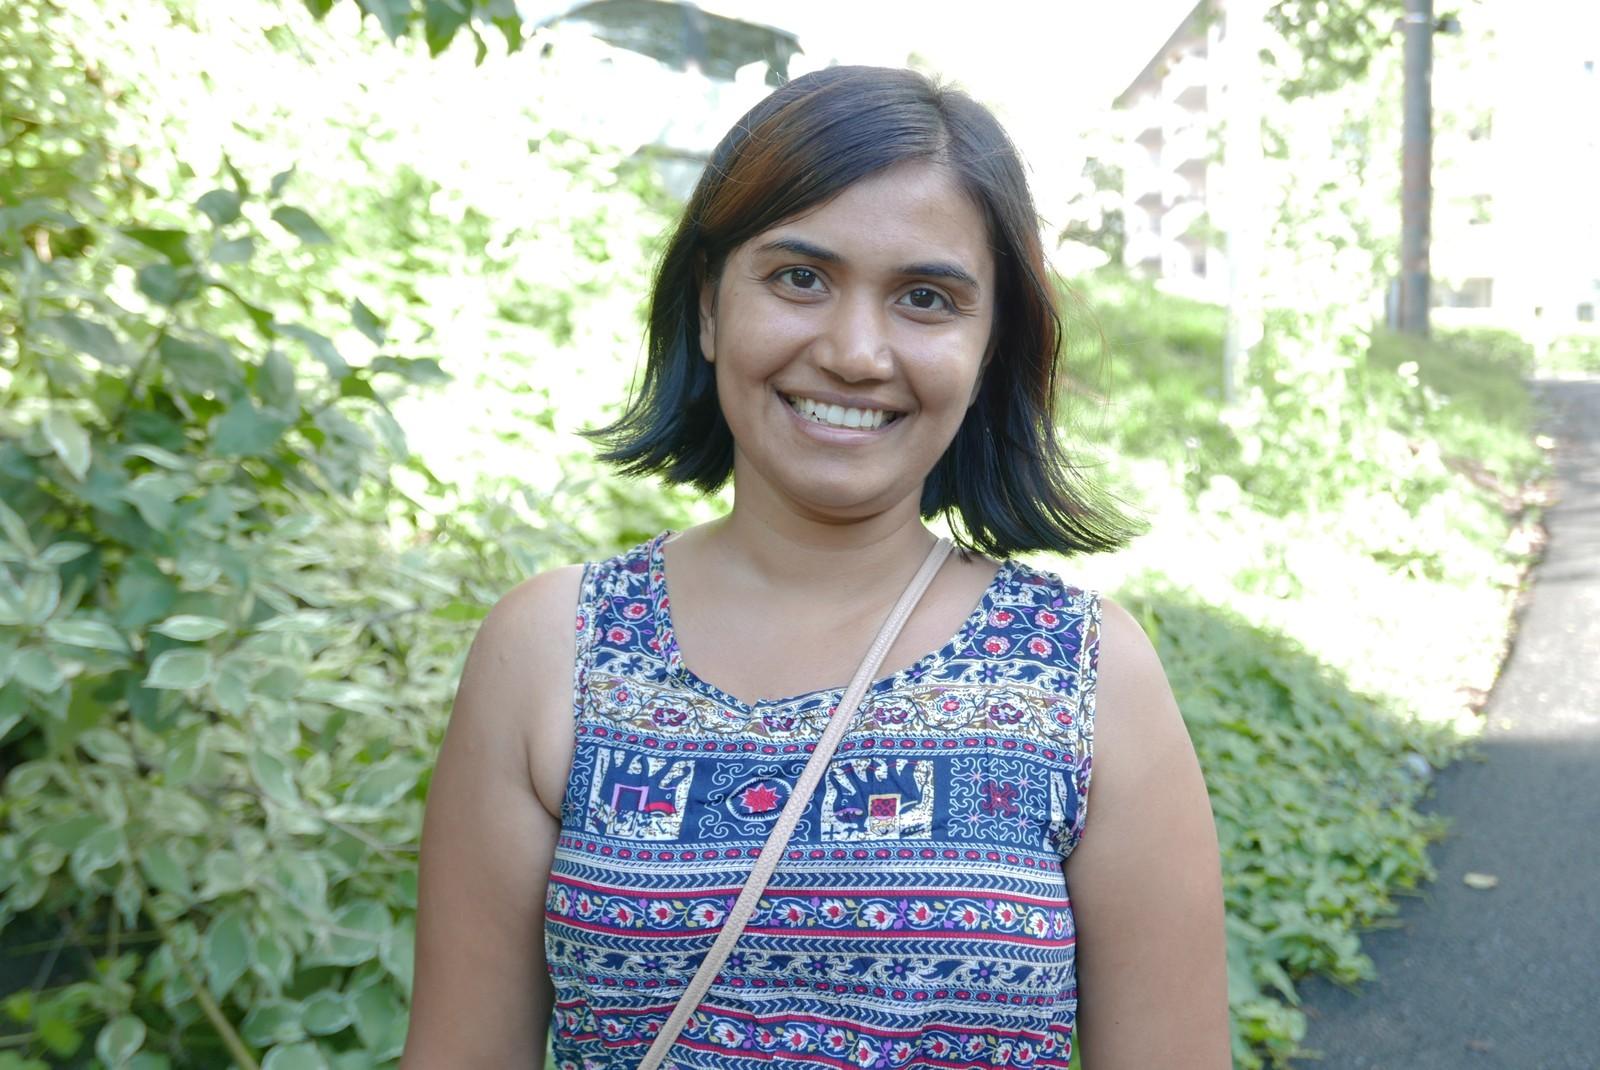 Ramya Inamdar har oversikt over alle klærne sine. – Jeg har veldig lite, også er det flere klær jeg ikke har brukt ennå. Jeg kaster klær hvert år, fordi jeg reiser til India og gir det bort det som jeg ikke har brukt. Eller så går alt til fretex, sier hun.